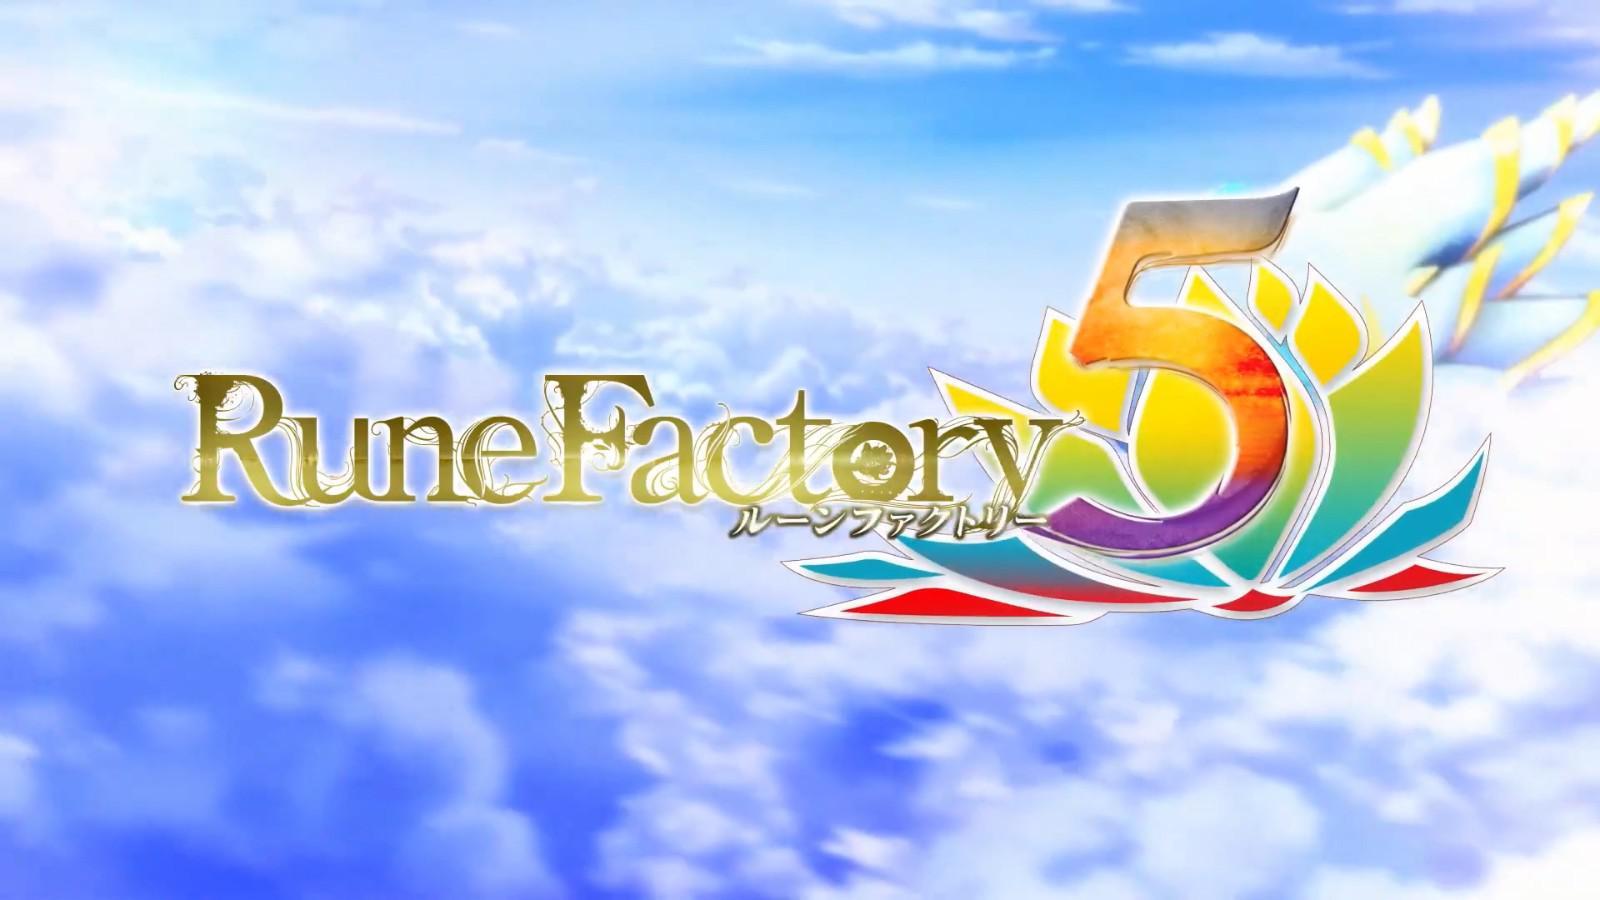 《符文工廠5》第二支預告片公佈 5月20日發售